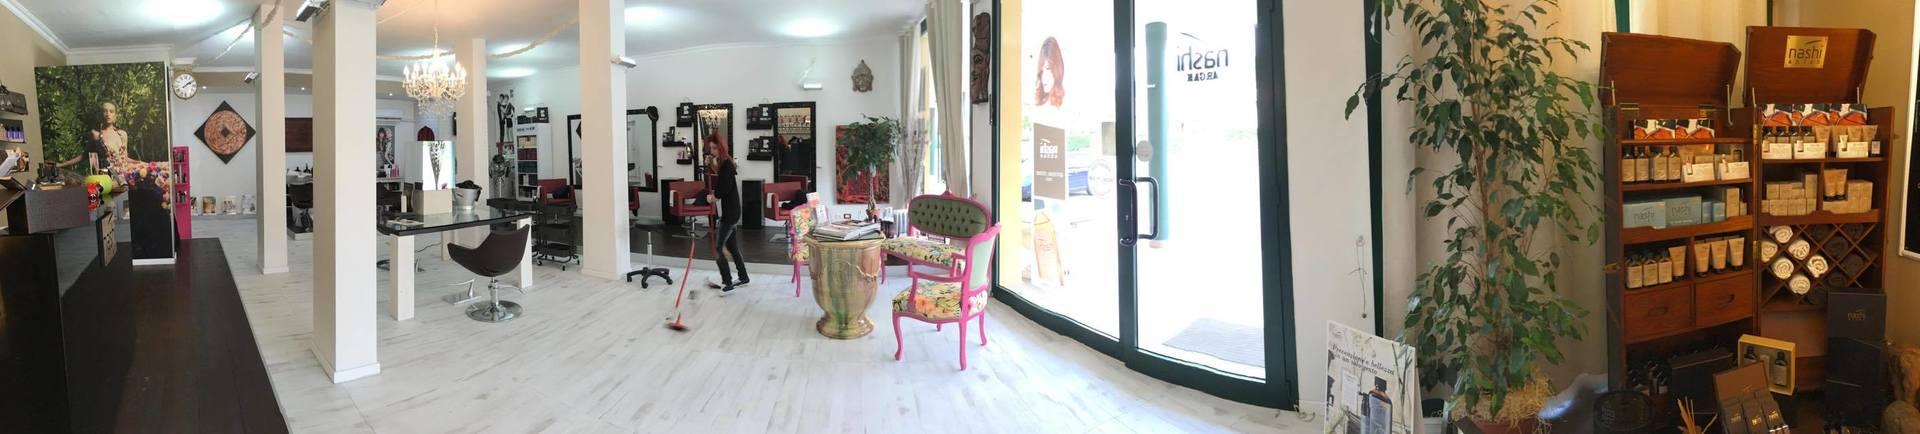 Panoramica dell'interno del salone